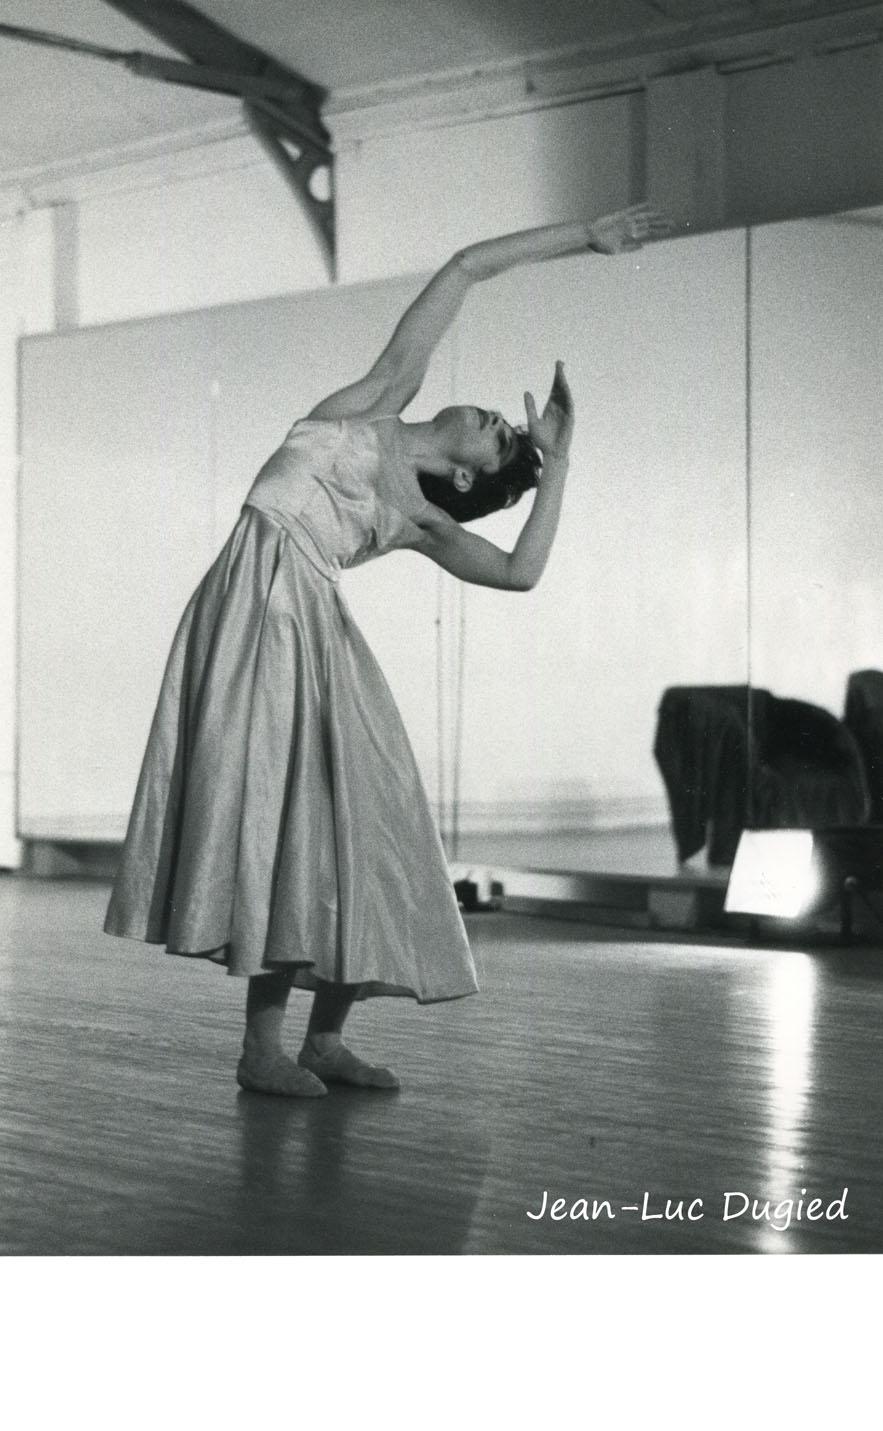 24 Cré-Ange Charles - Eurydice disparue - Pascale Salouf - 1986